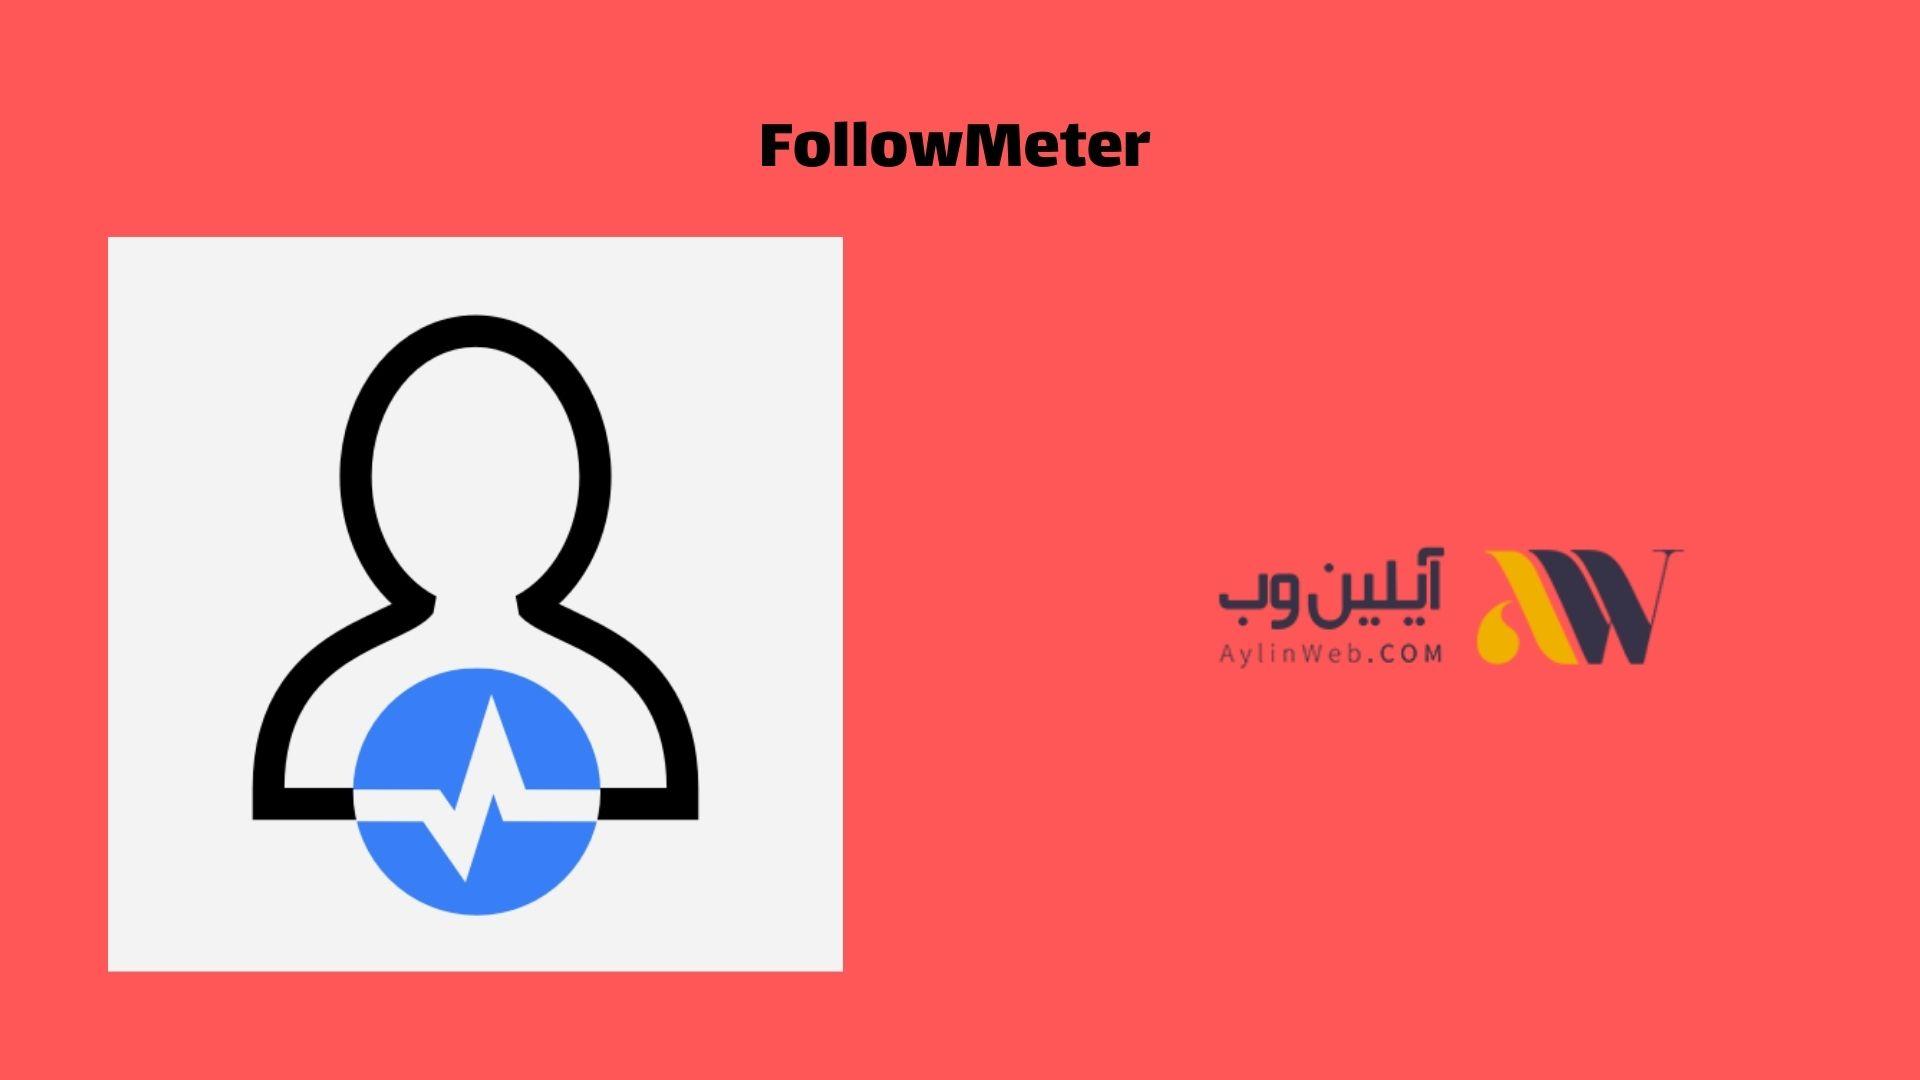 FollowMeter